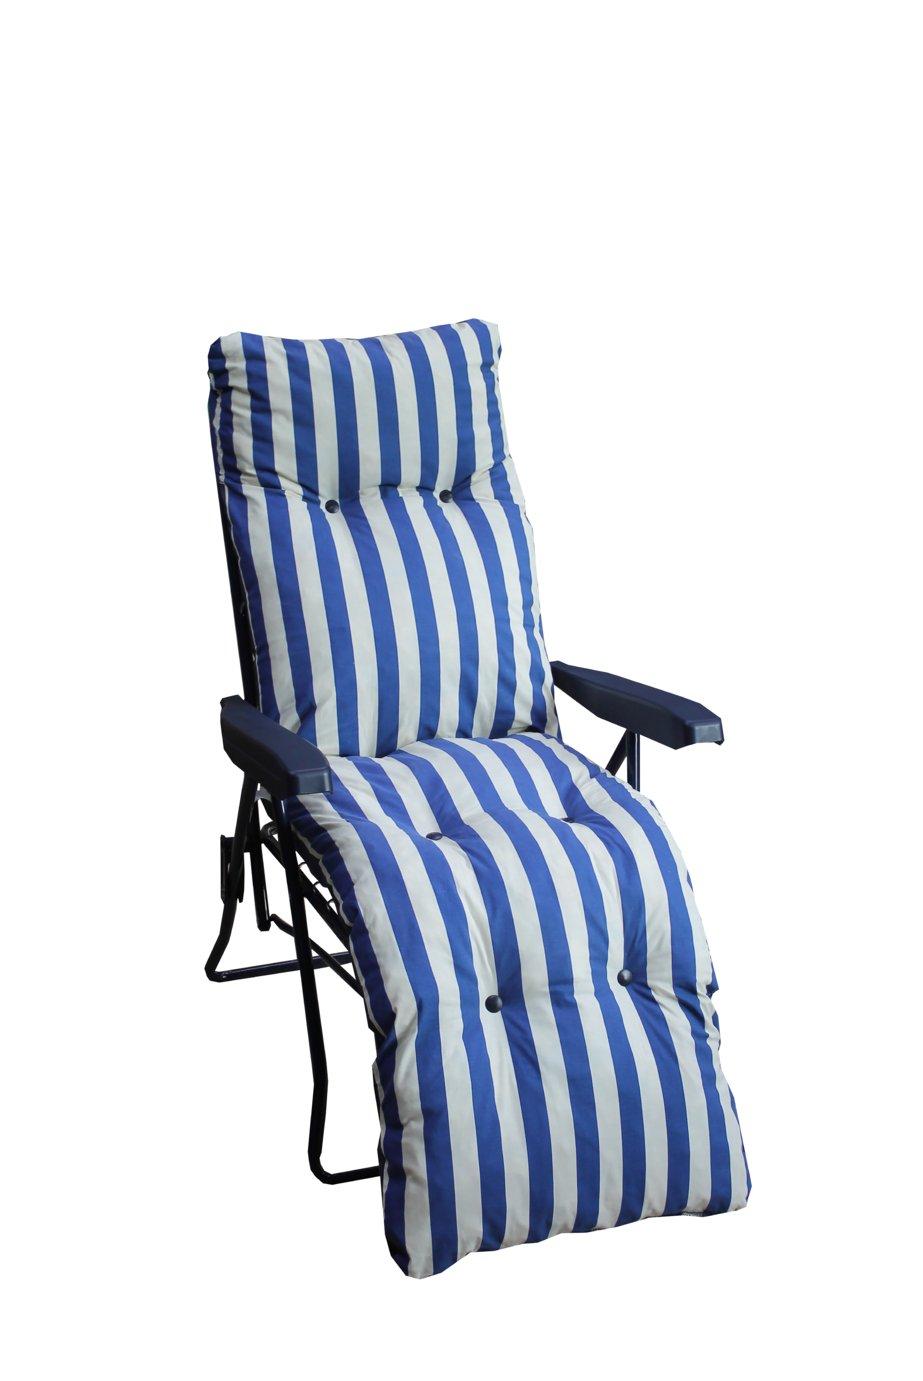 Argos Home Metal Sun Lounger Chair with Cushion - Blue